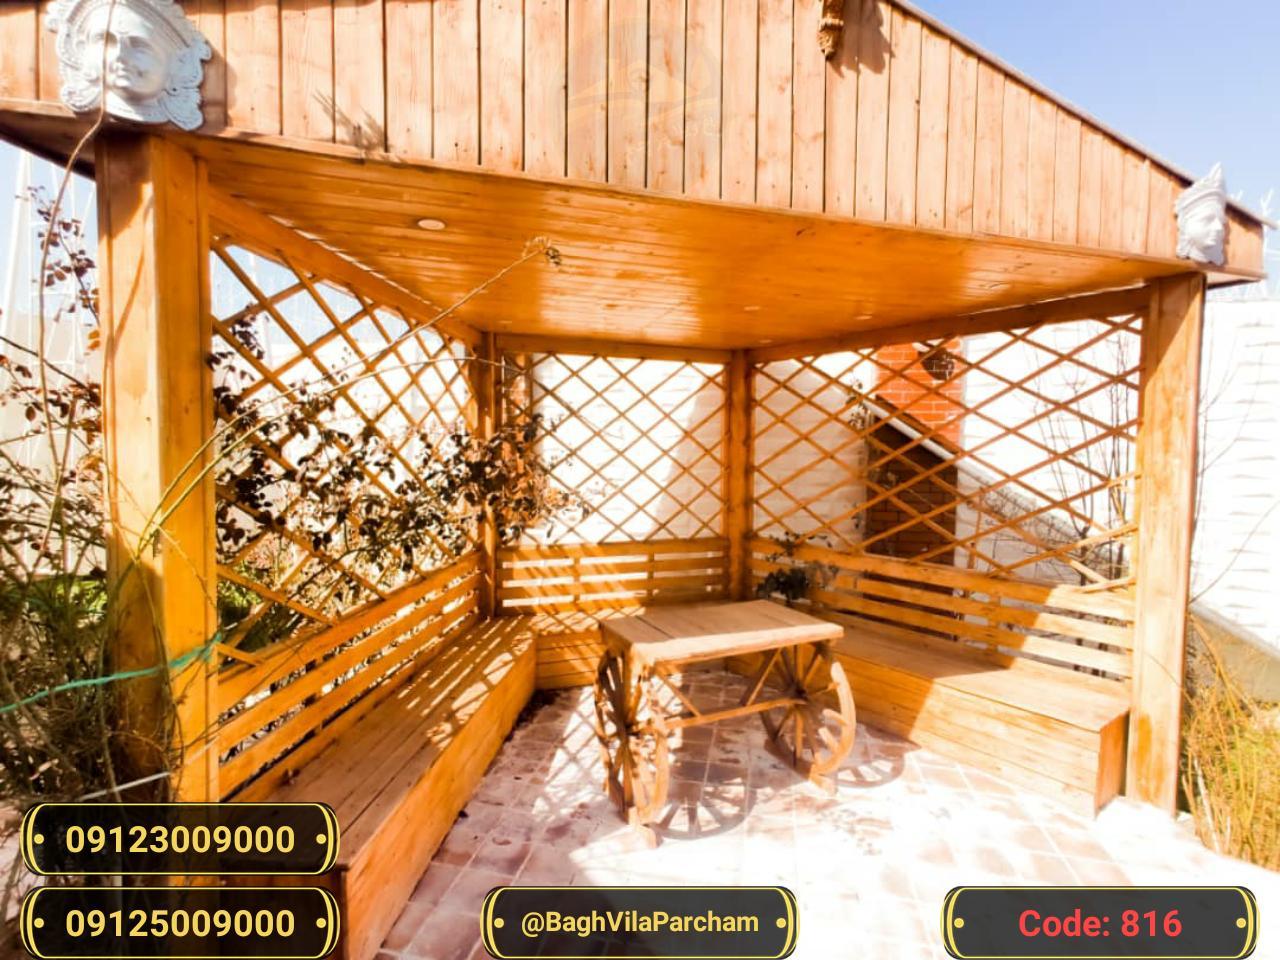 تصویر عکس باغ ویلا شماره 14 از ویلای ۵۰۰ متر ویلا شیک و زیبا Picture photo image 14 of ۵۰۰ متر ویلا شیک و زیبا